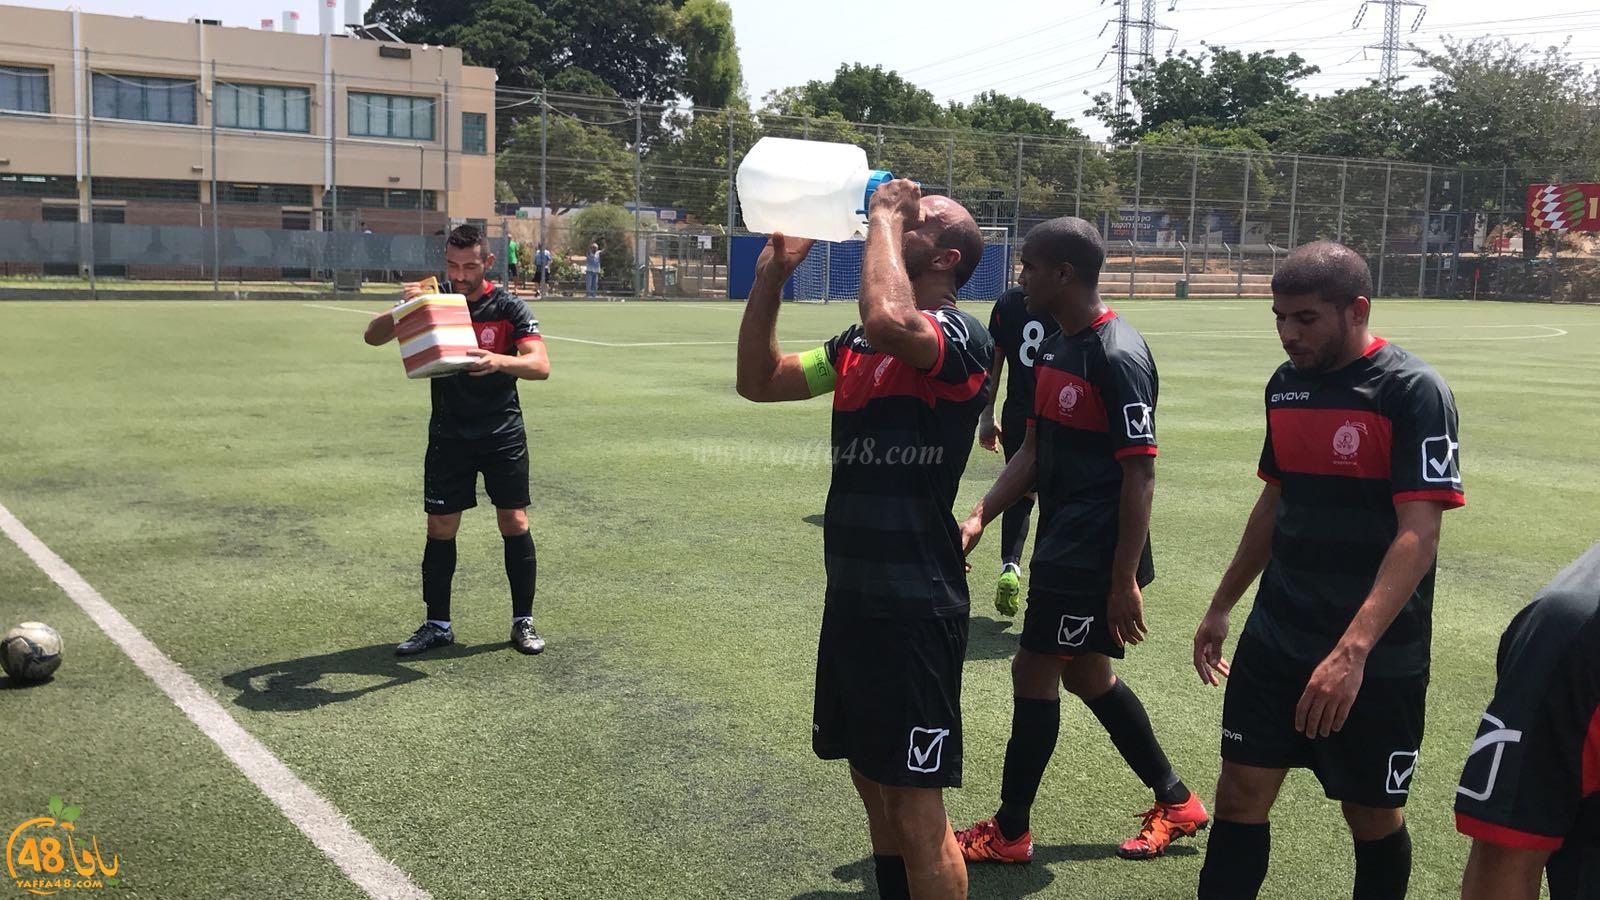 صور: فريق أبناء يافا يفوز على بيتار رمات جان بنتيجة 4-1